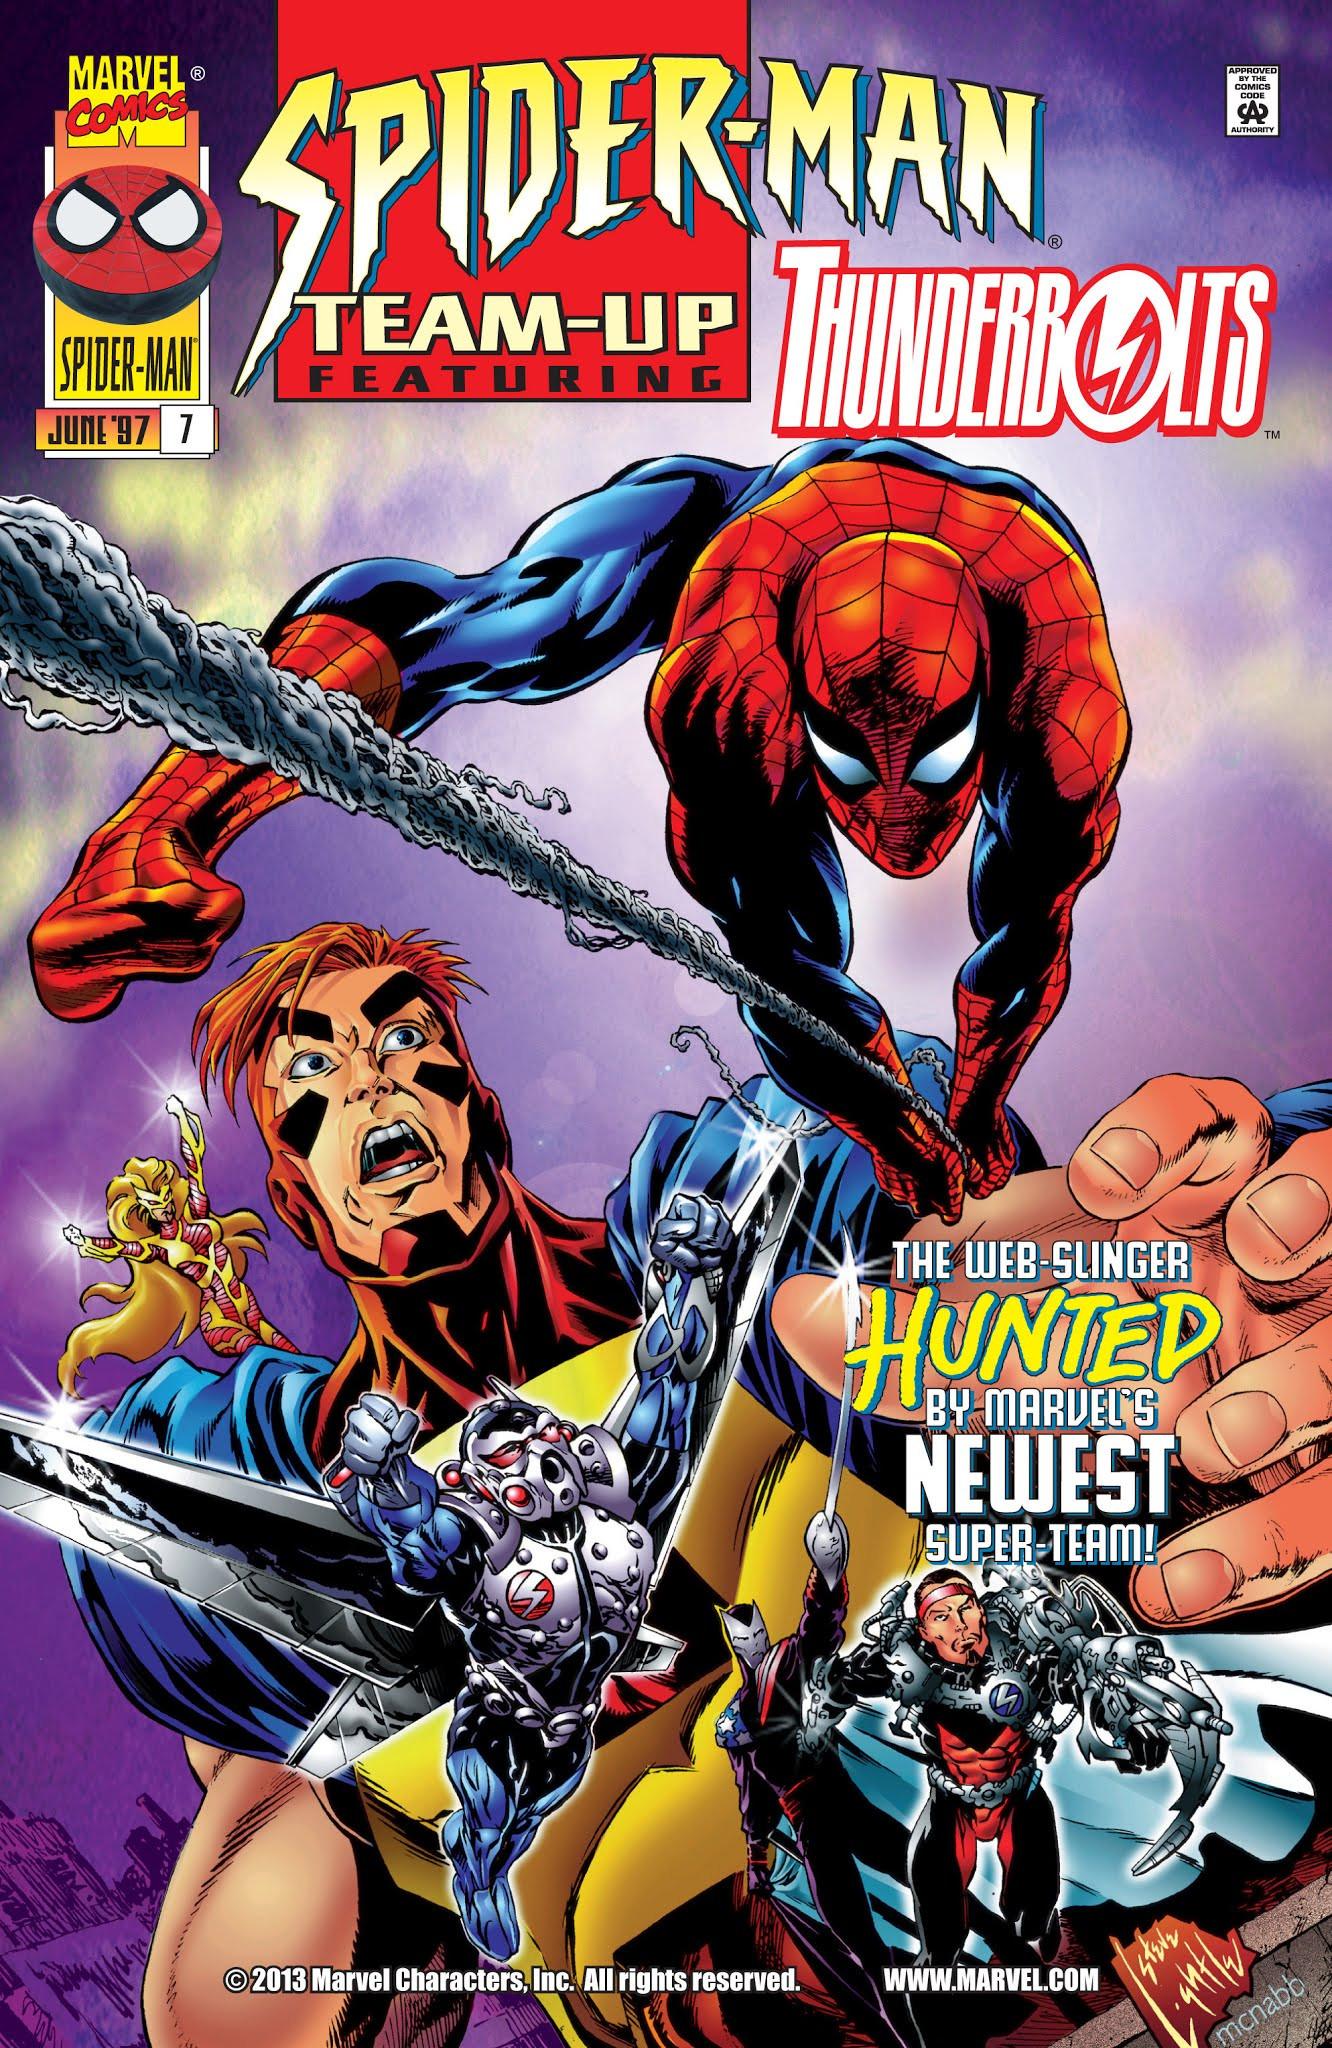 Spider-Man Team-Up Vol 1 7 | Marvel Database | FANDOM